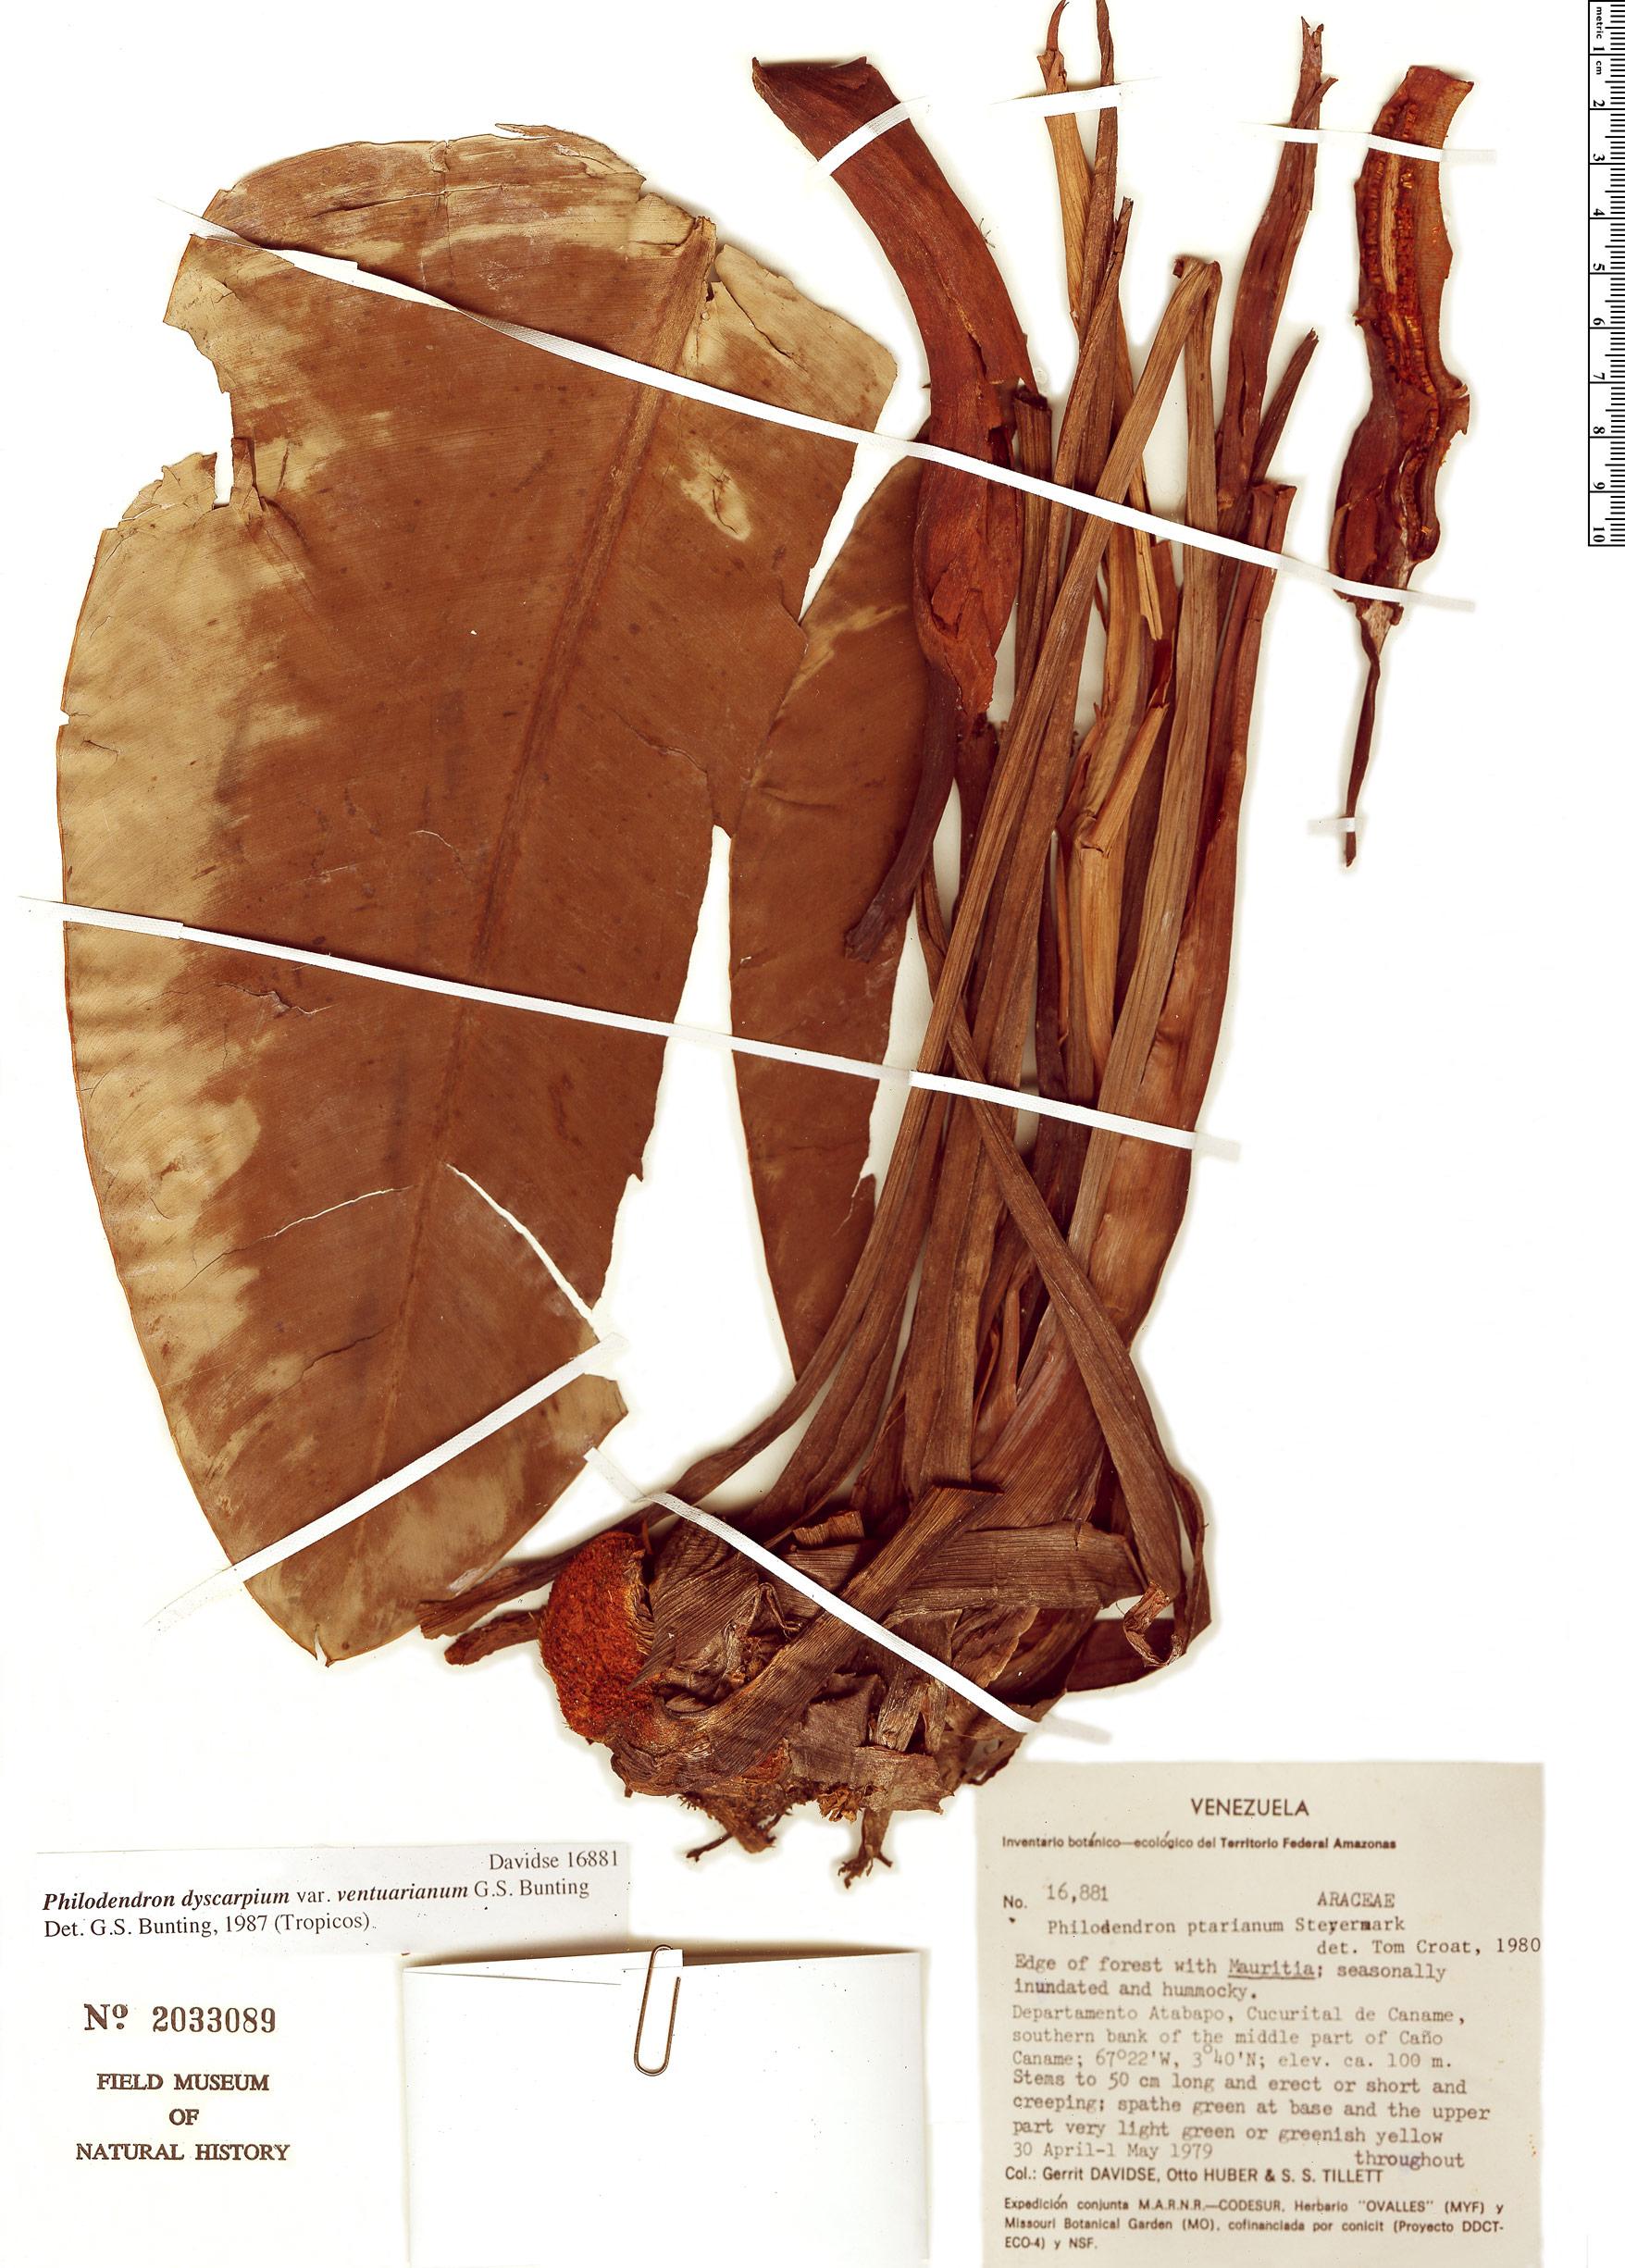 Specimen: Philodendron dyscarpium